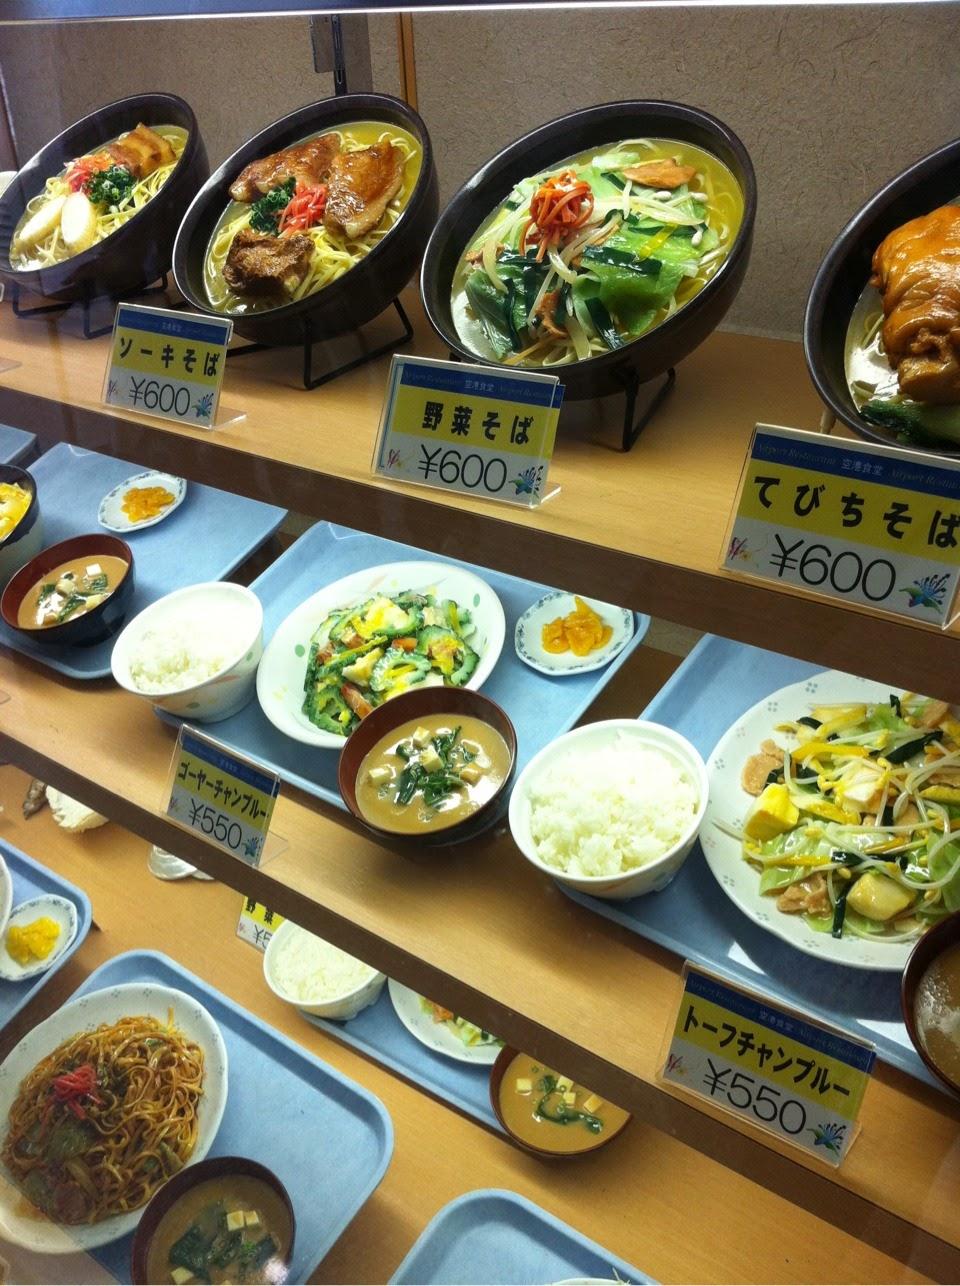 【旅/ごはん】沖縄に行ったら、那覇空港の空港食堂が安くて美味しい